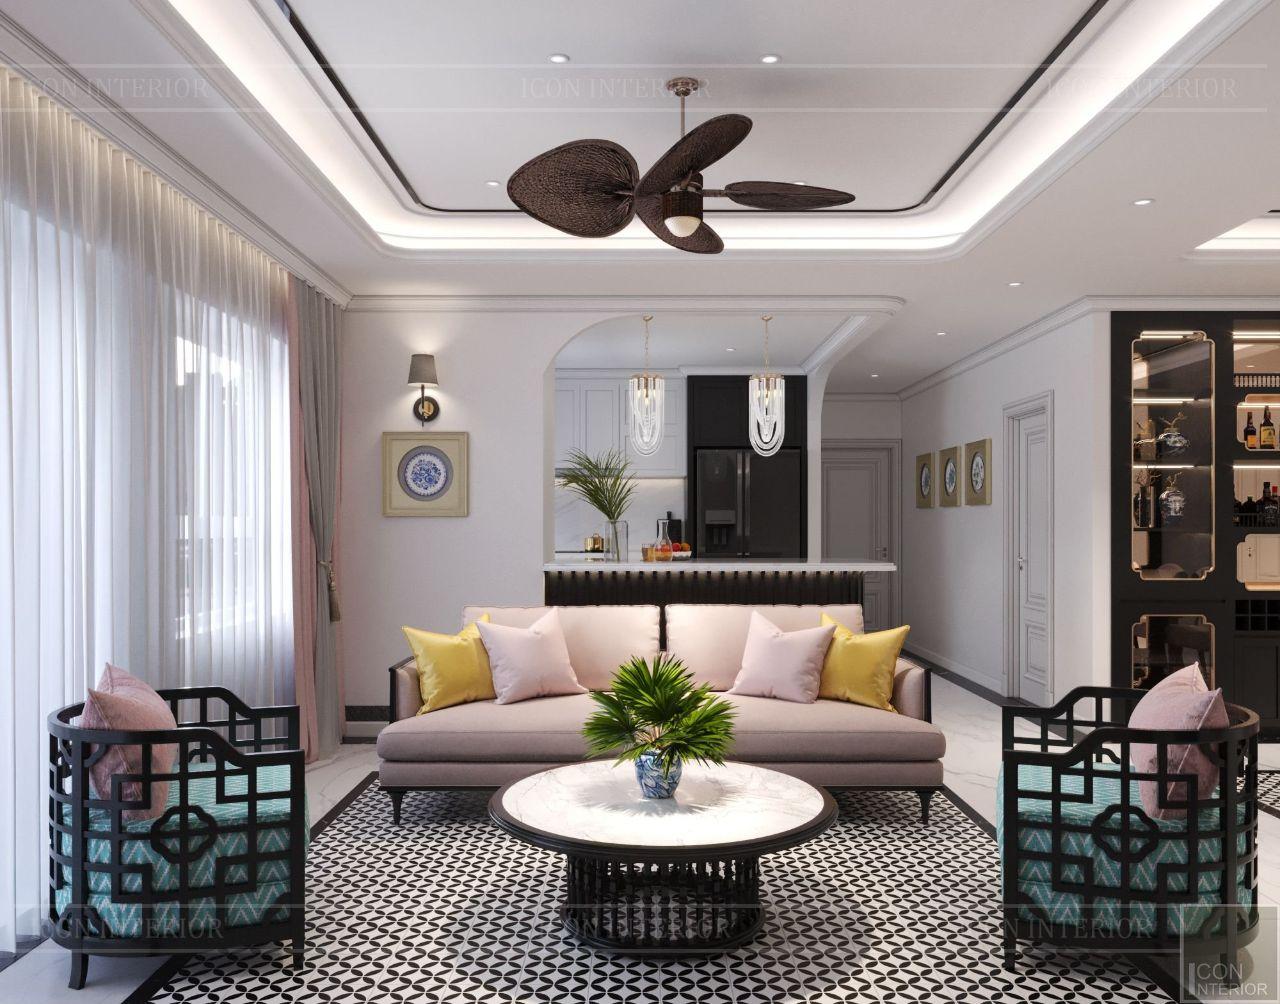 thiết kế chung cư 3 phòng ngủ đẹp